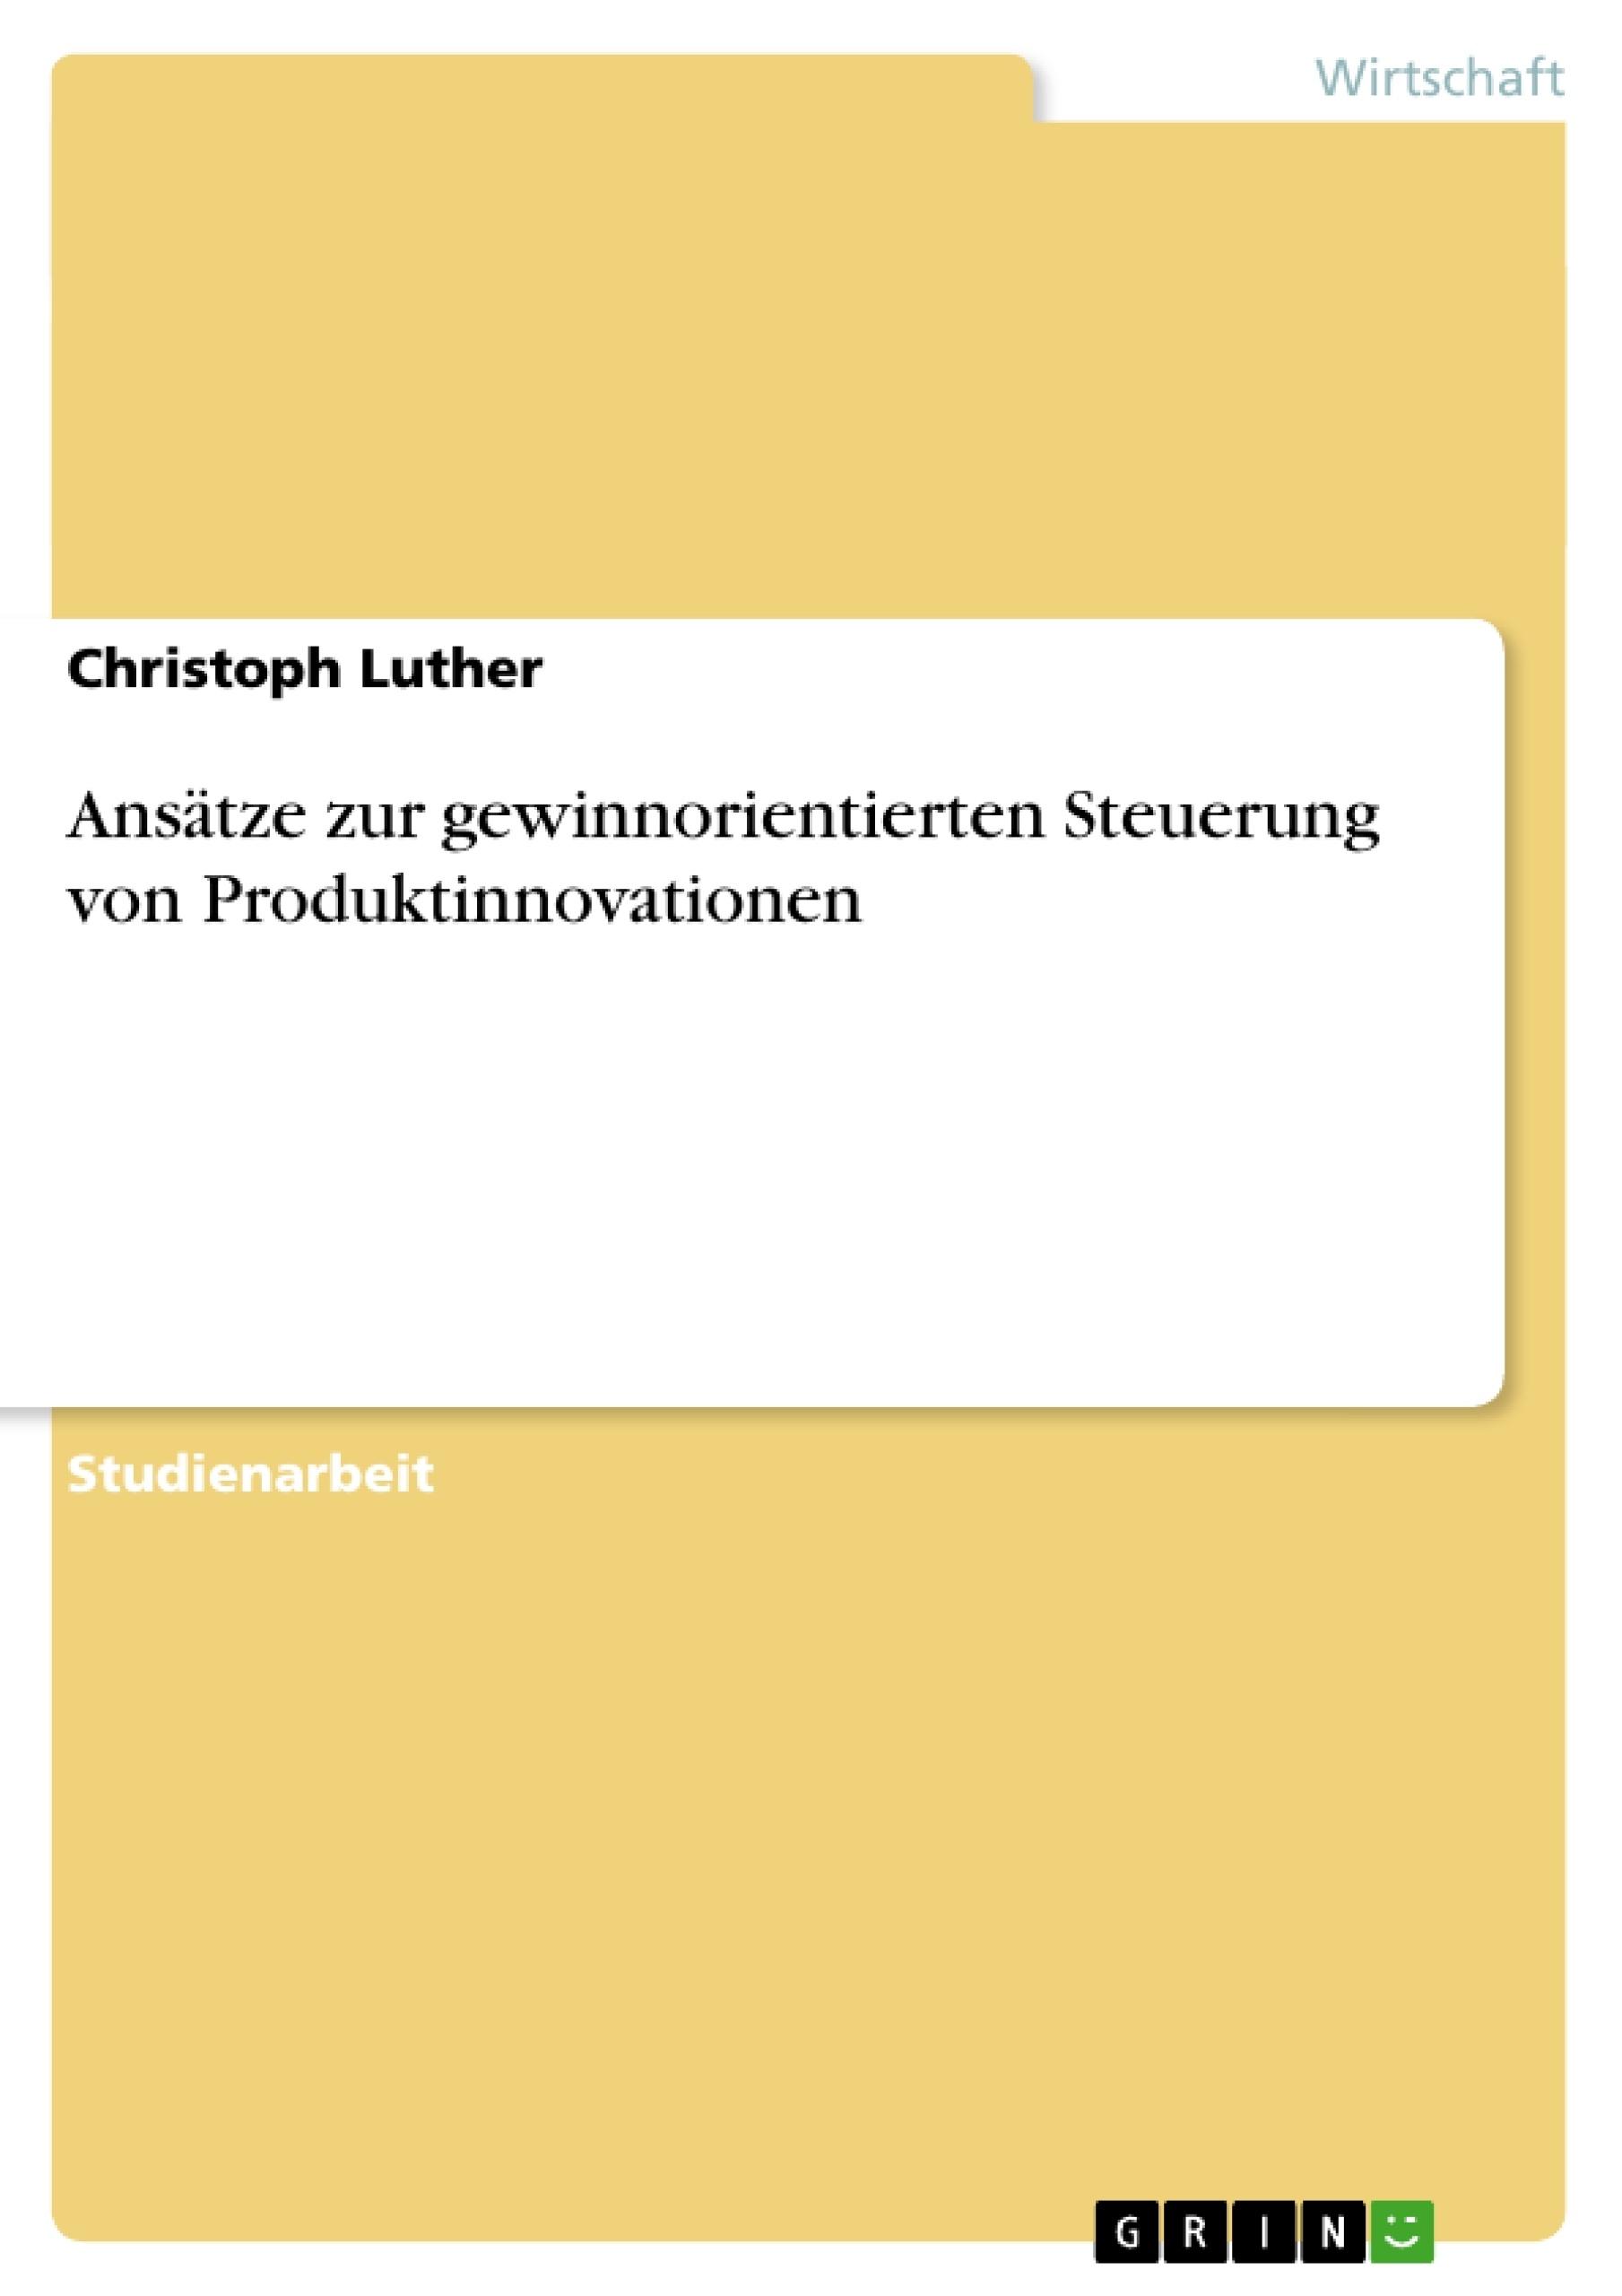 Titel: Ansätze zur gewinnorientierten Steuerung von Produktinnovationen